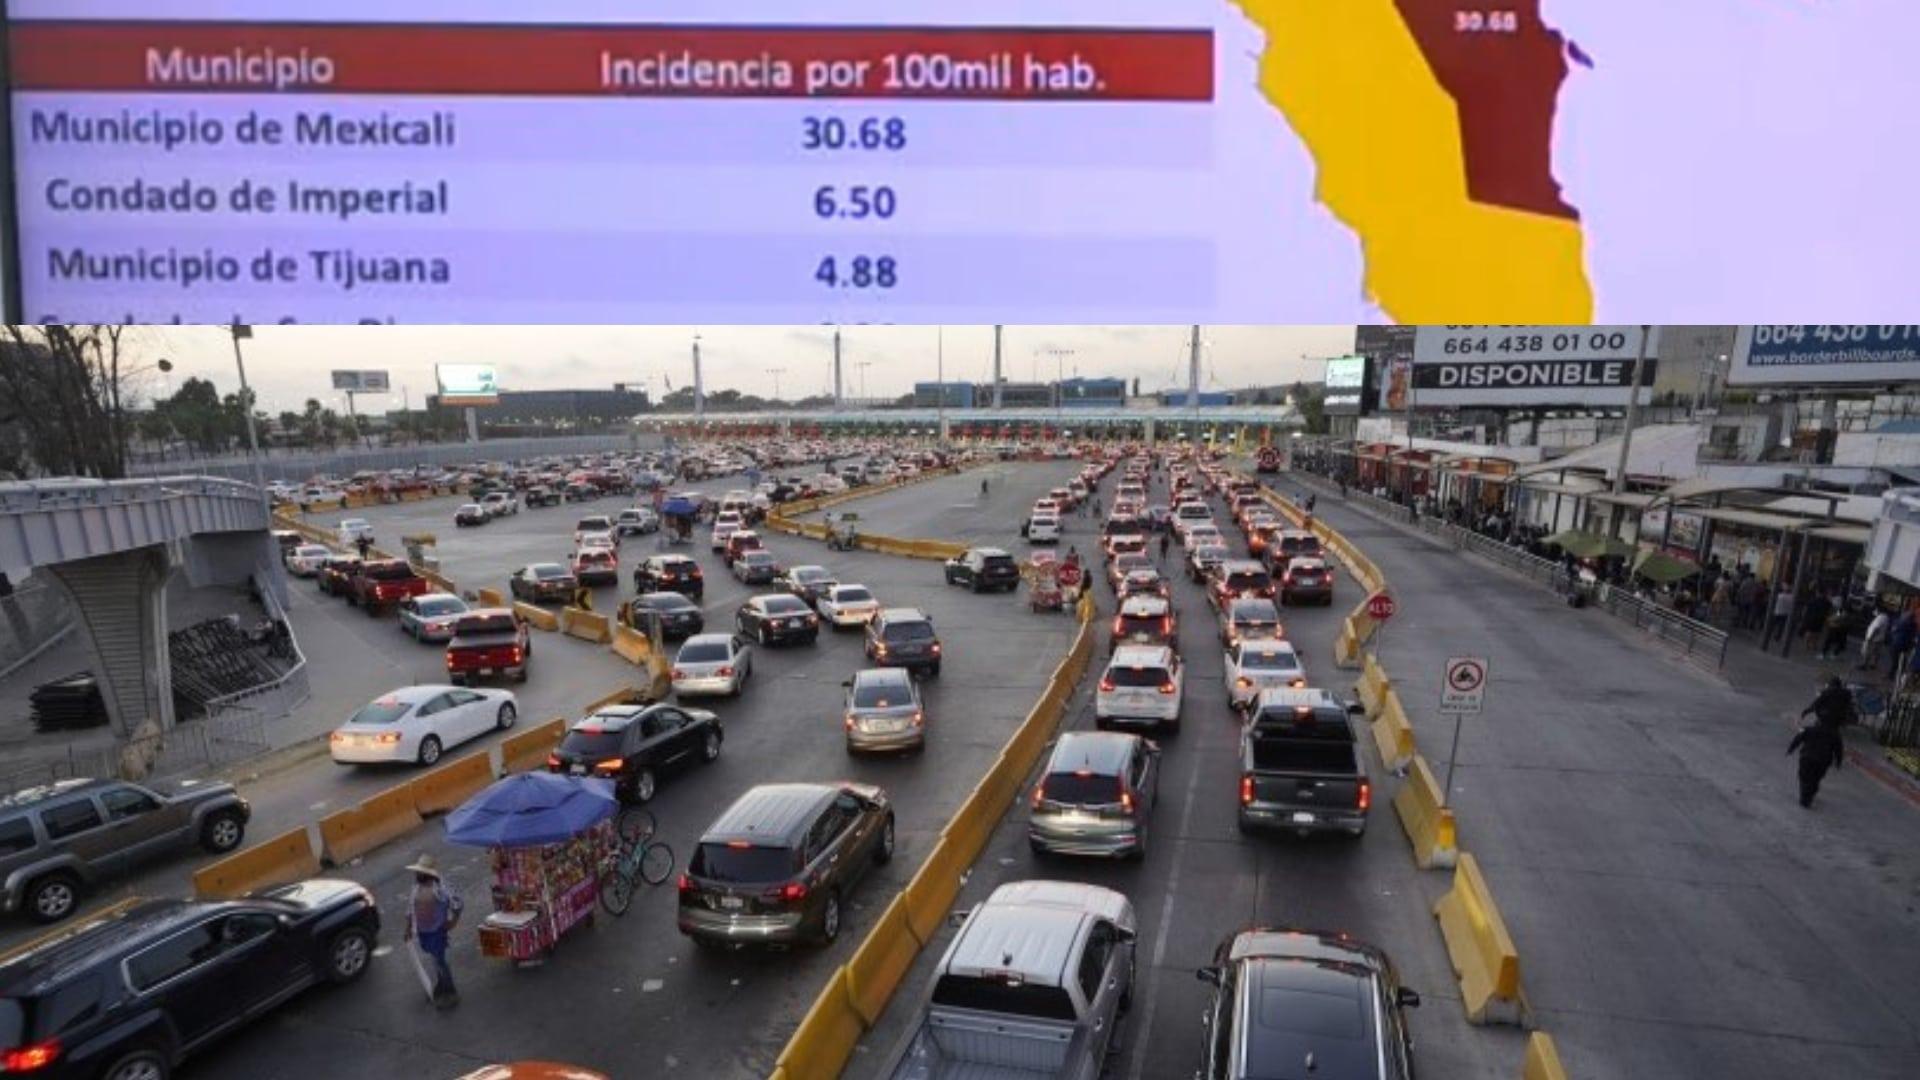 alta-incidencia-de-contagios-en-mexicali-no-permite-abrir-la-frontera